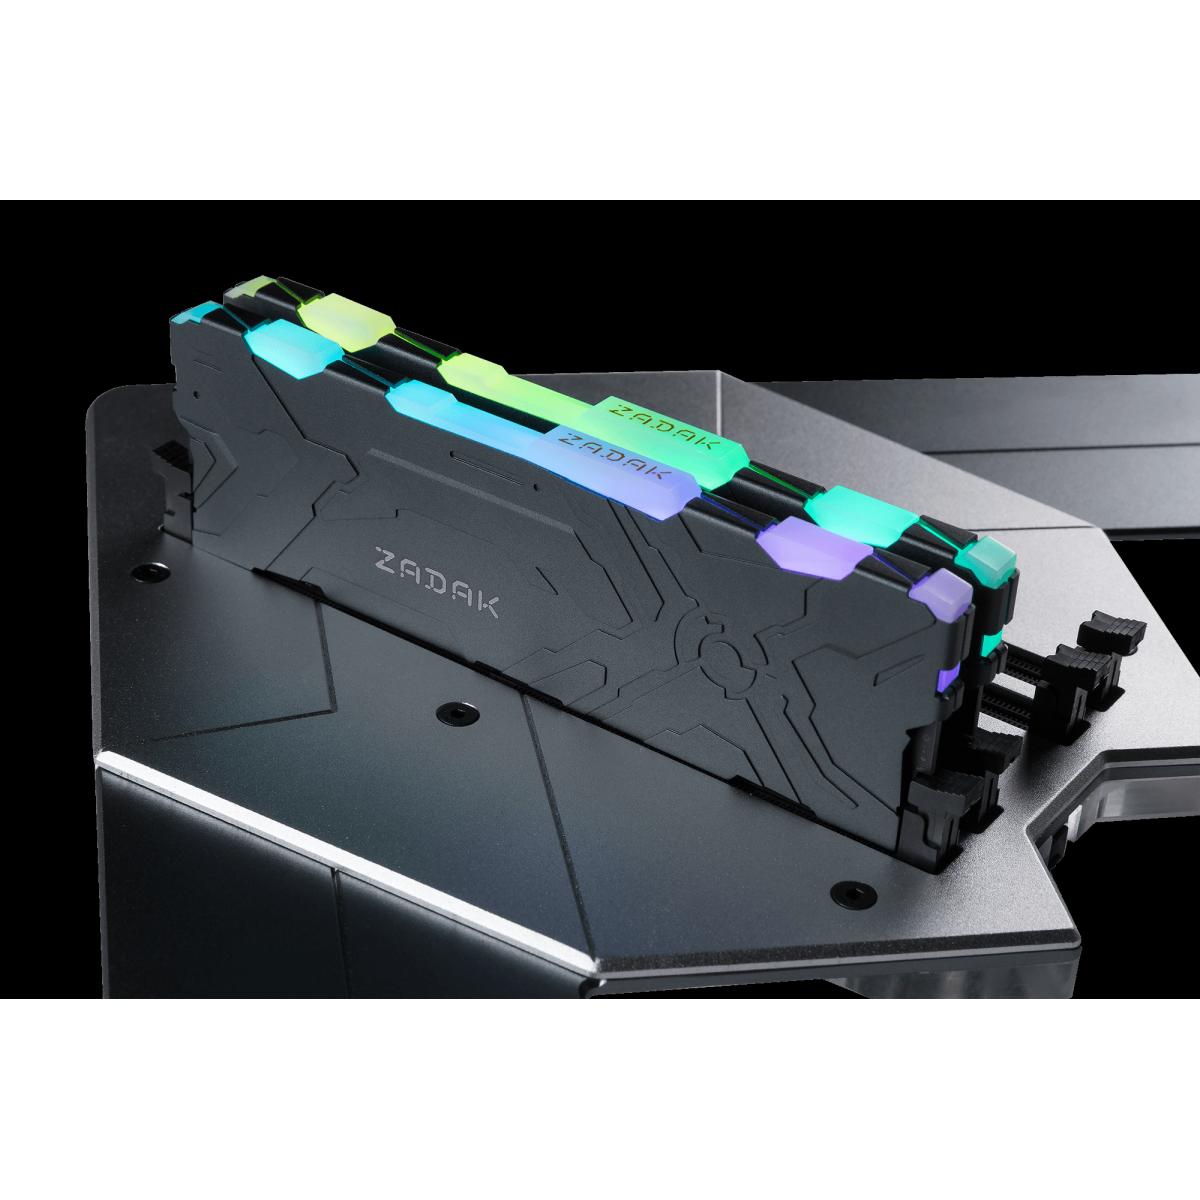 Memória DDR4 Zadak MOAB, RGB, 8GB, 3200MHz, ZD4-MO132C28-08GYG1